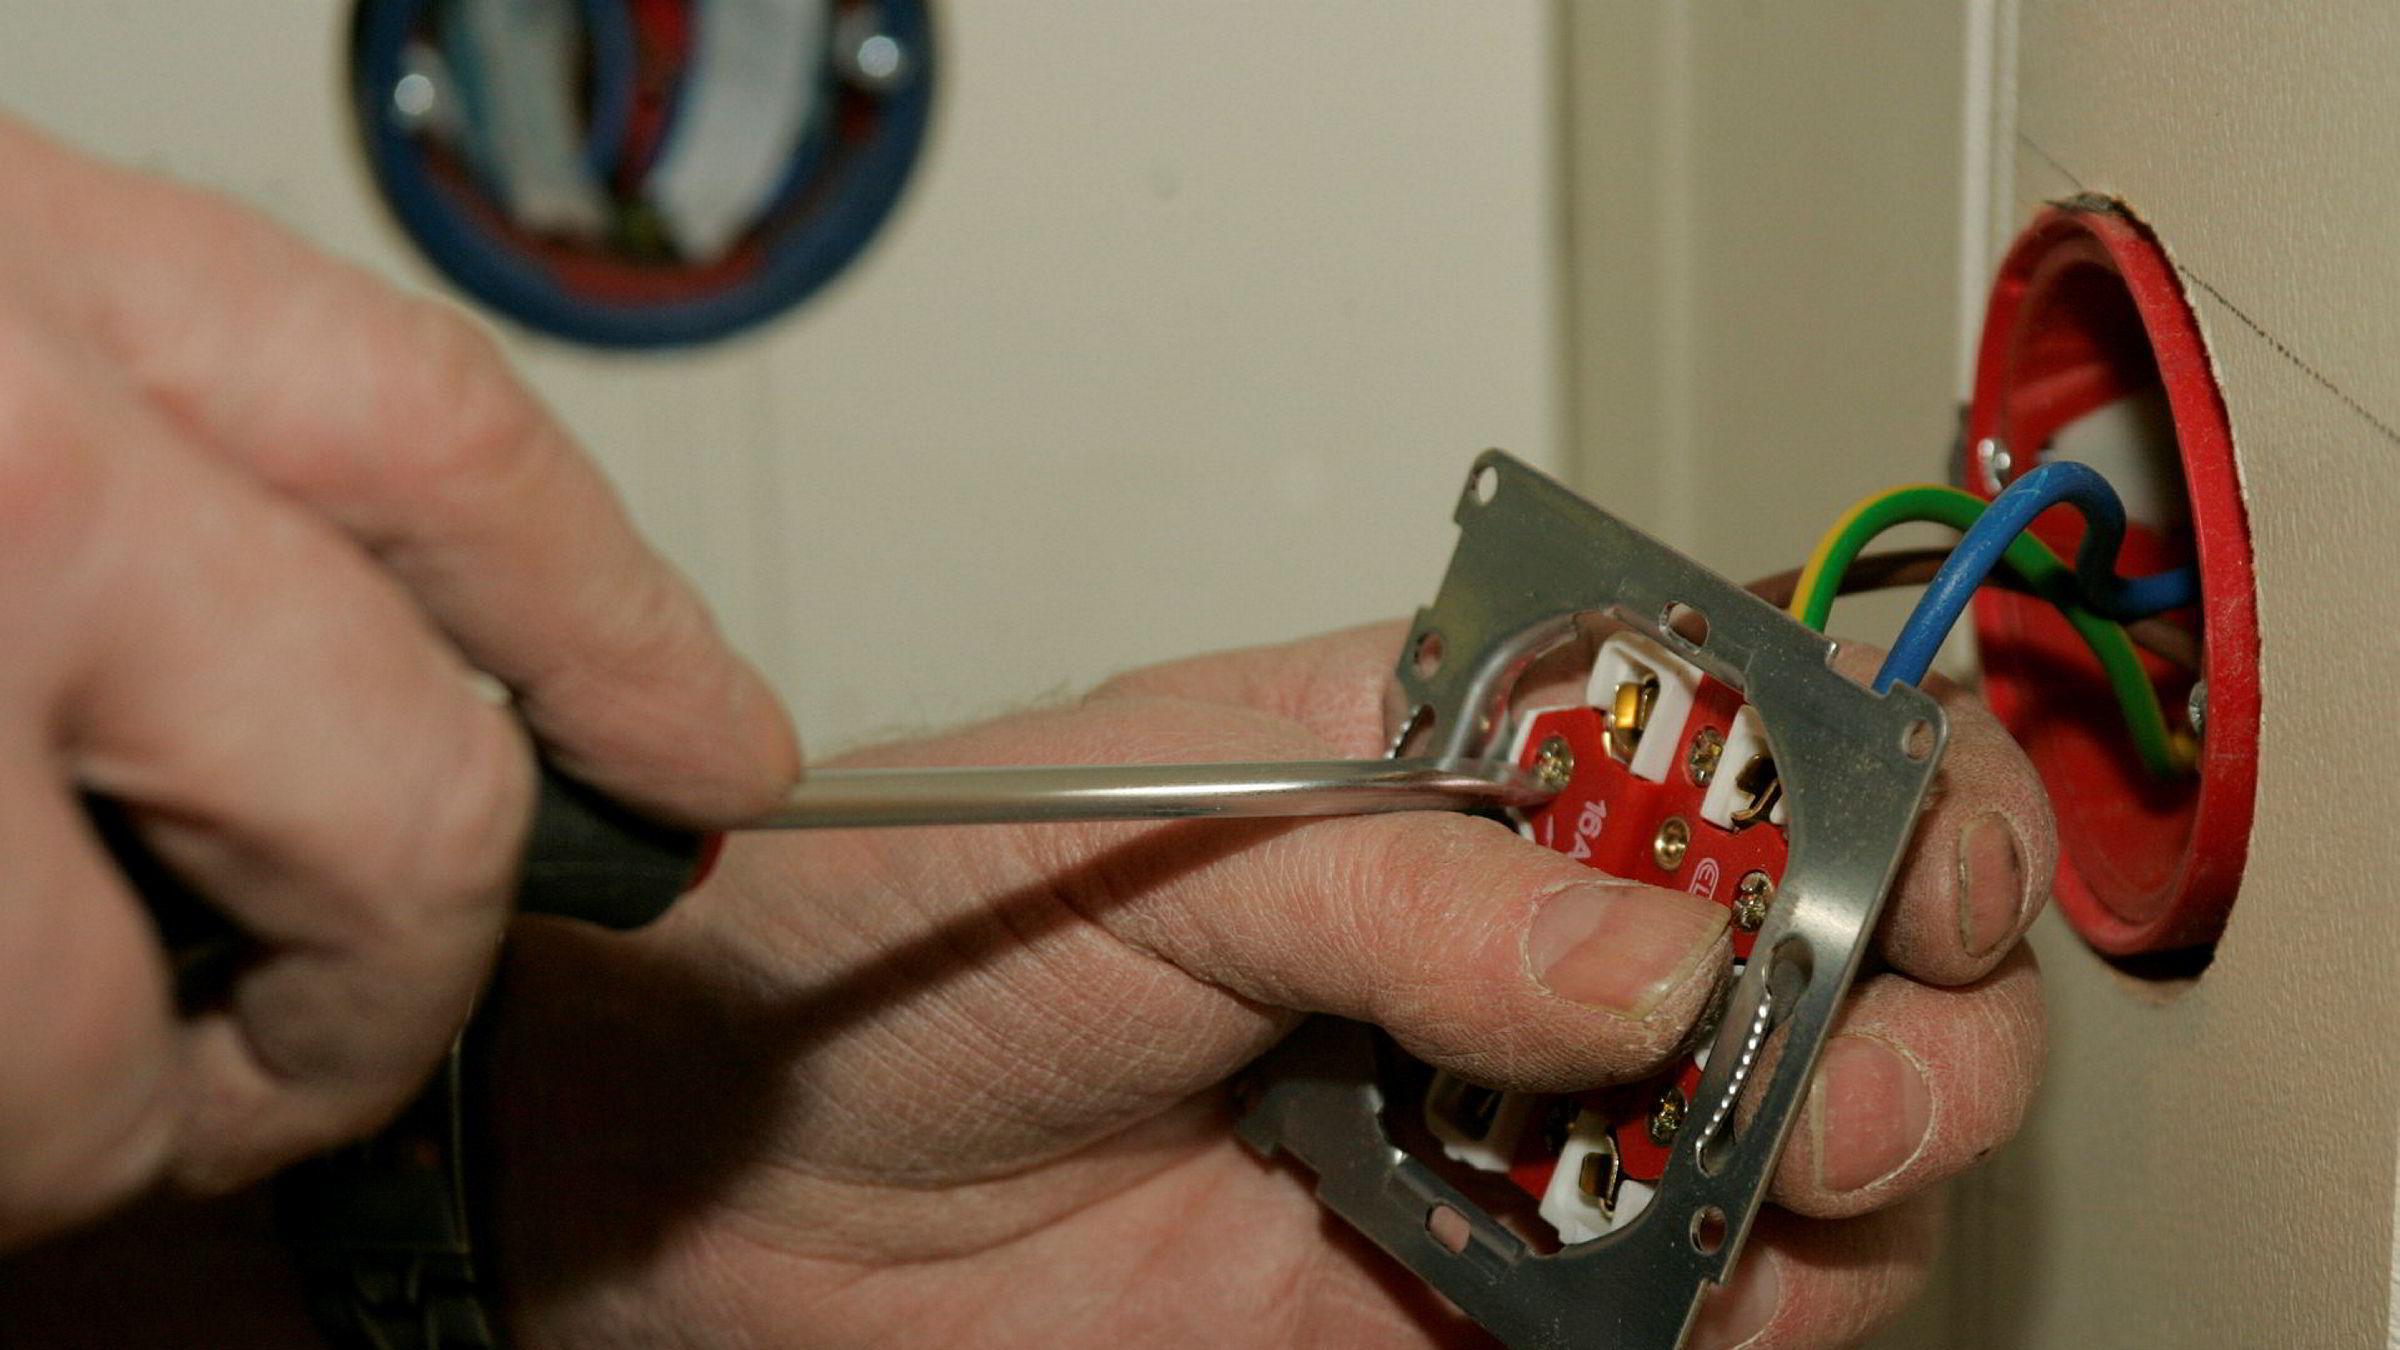 Når du utfører elektrikerarbeid er det best å få det gjort skikkelig. Illustrasjonsbildet viser en elektriker i arbeid.